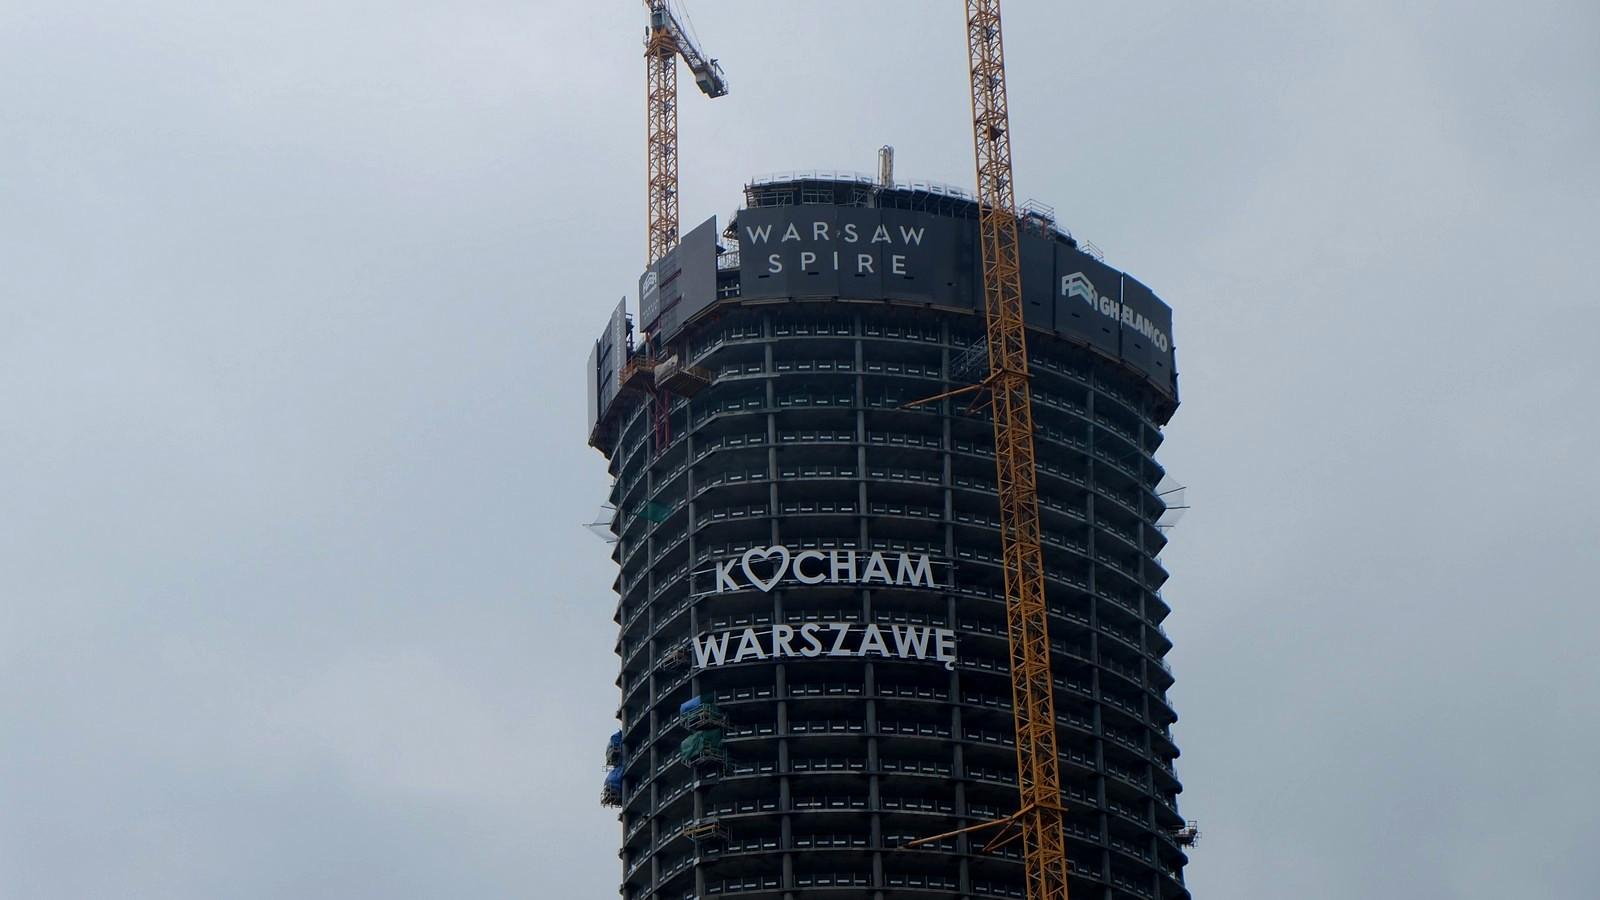 K♥cham Warszawe